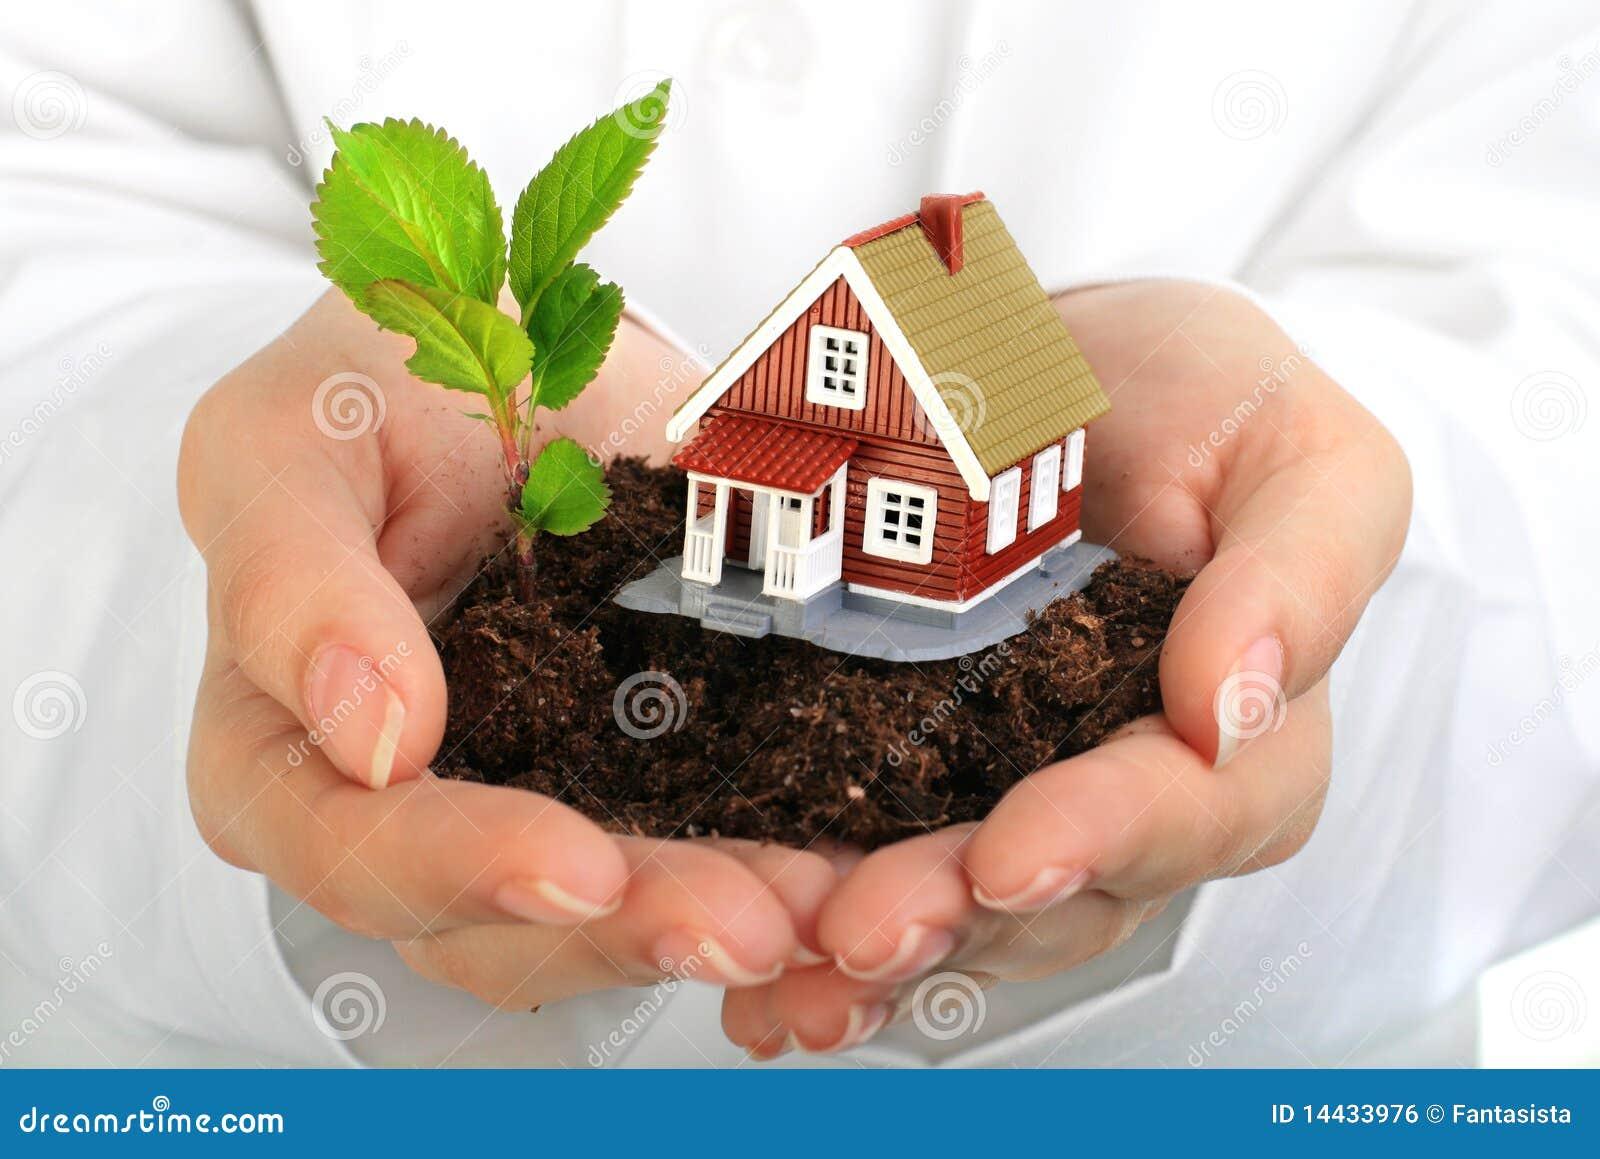 Pequeña casa y planta en manos.